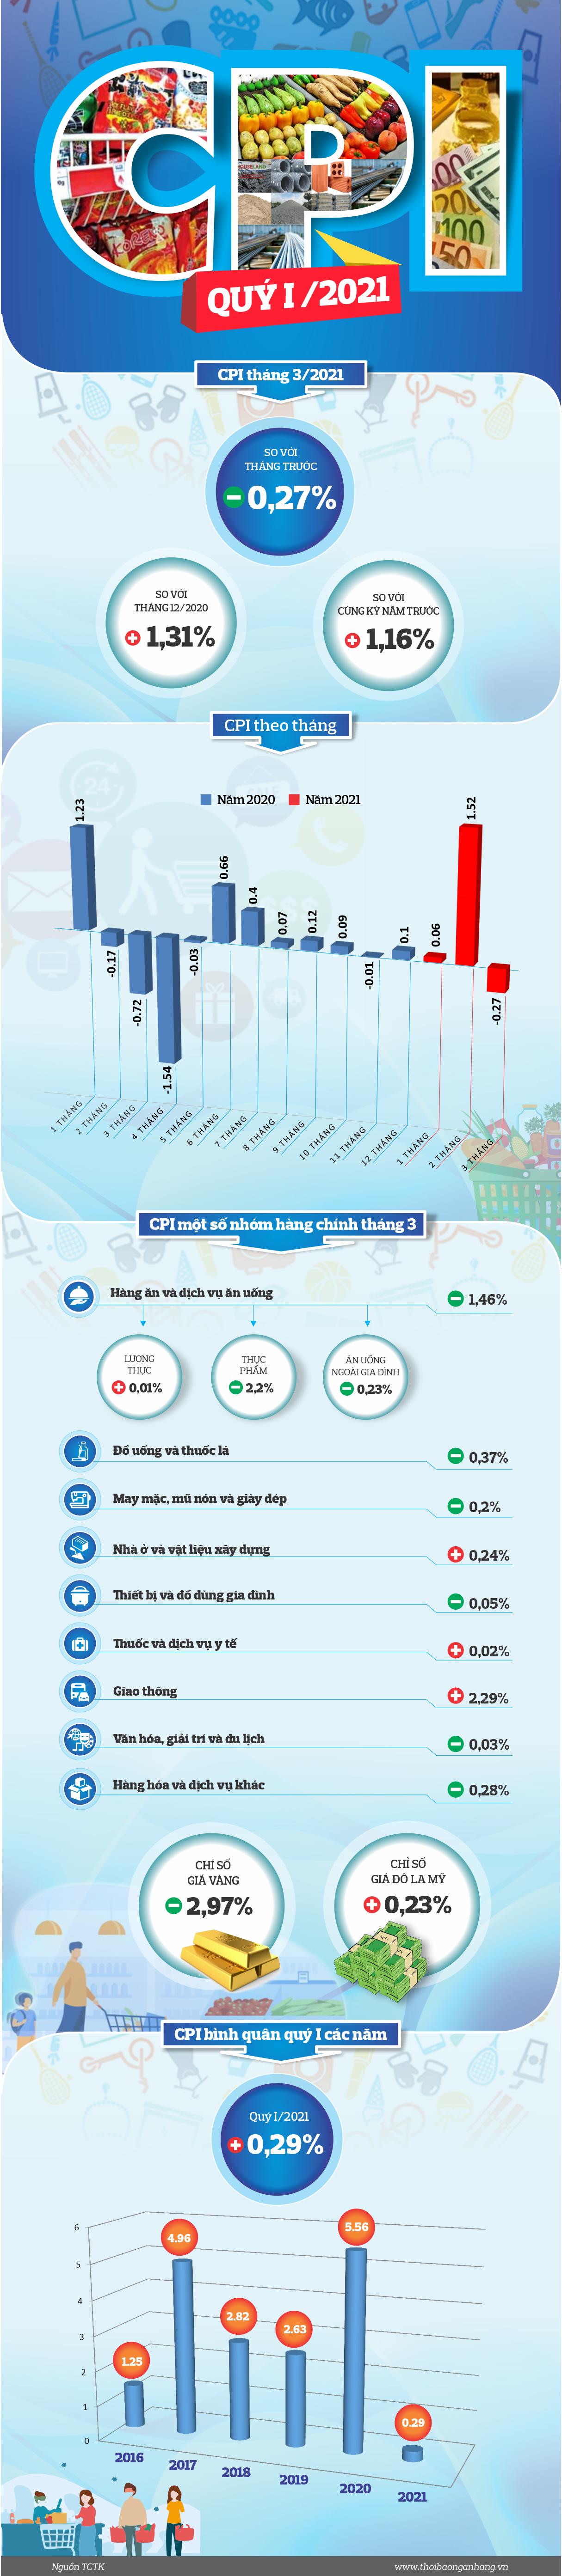 [Infographic] Chỉ số giá tiêu dùng (CPI) quý I/2021